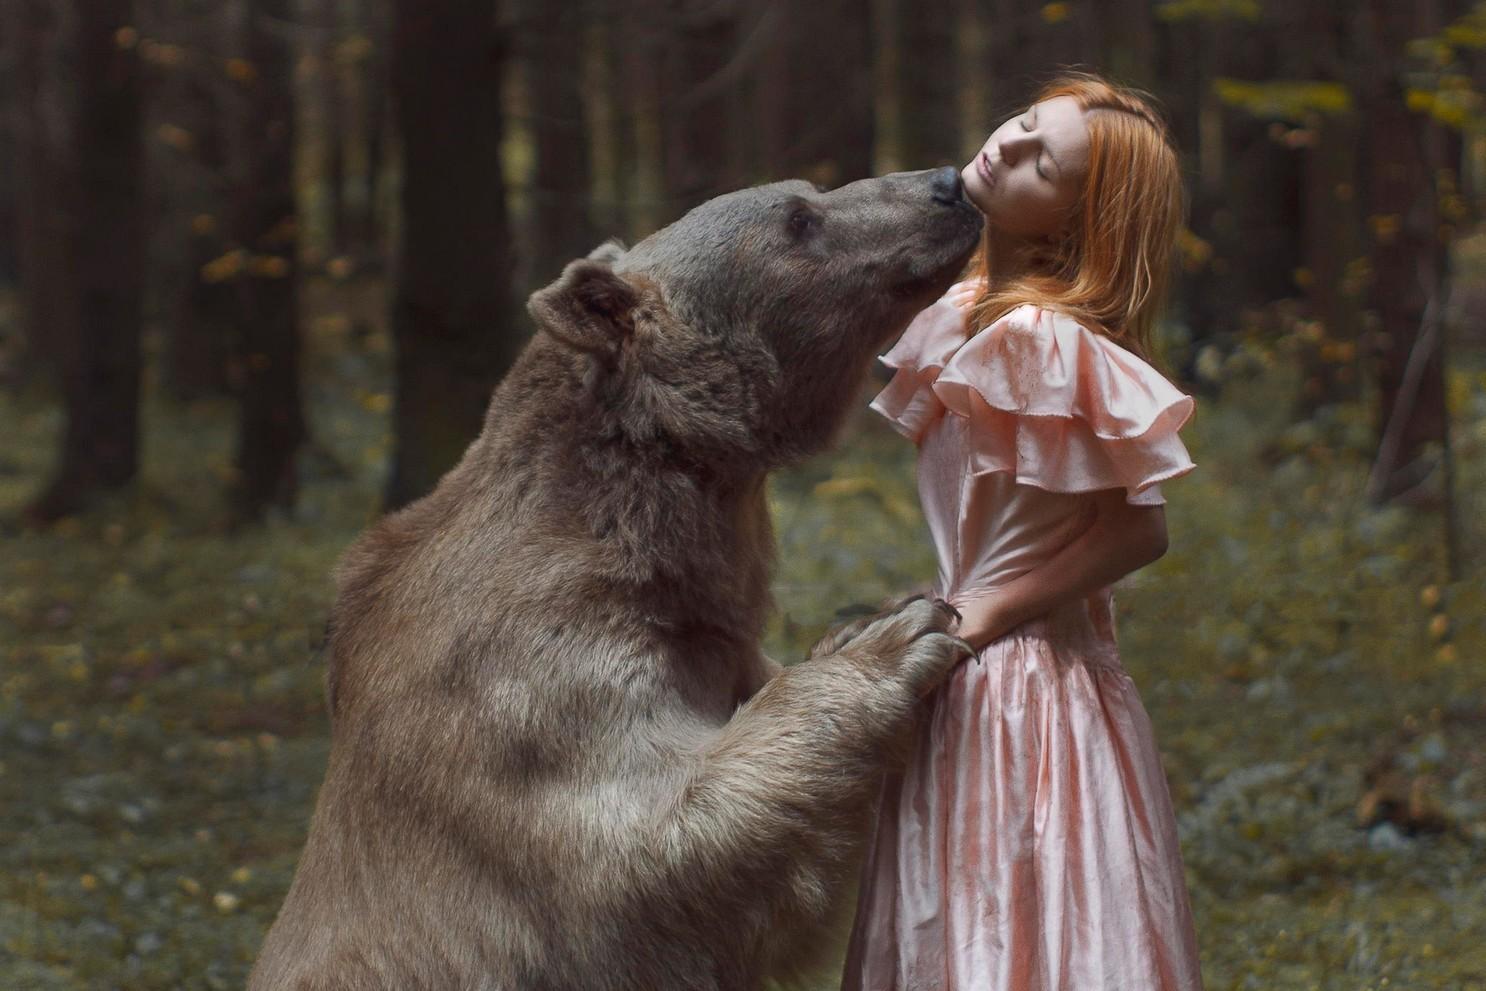 Суровость этого фотографа зашкаливает: фотографии Екатерины Плотниковой. Фото девушек с дикими зверями.